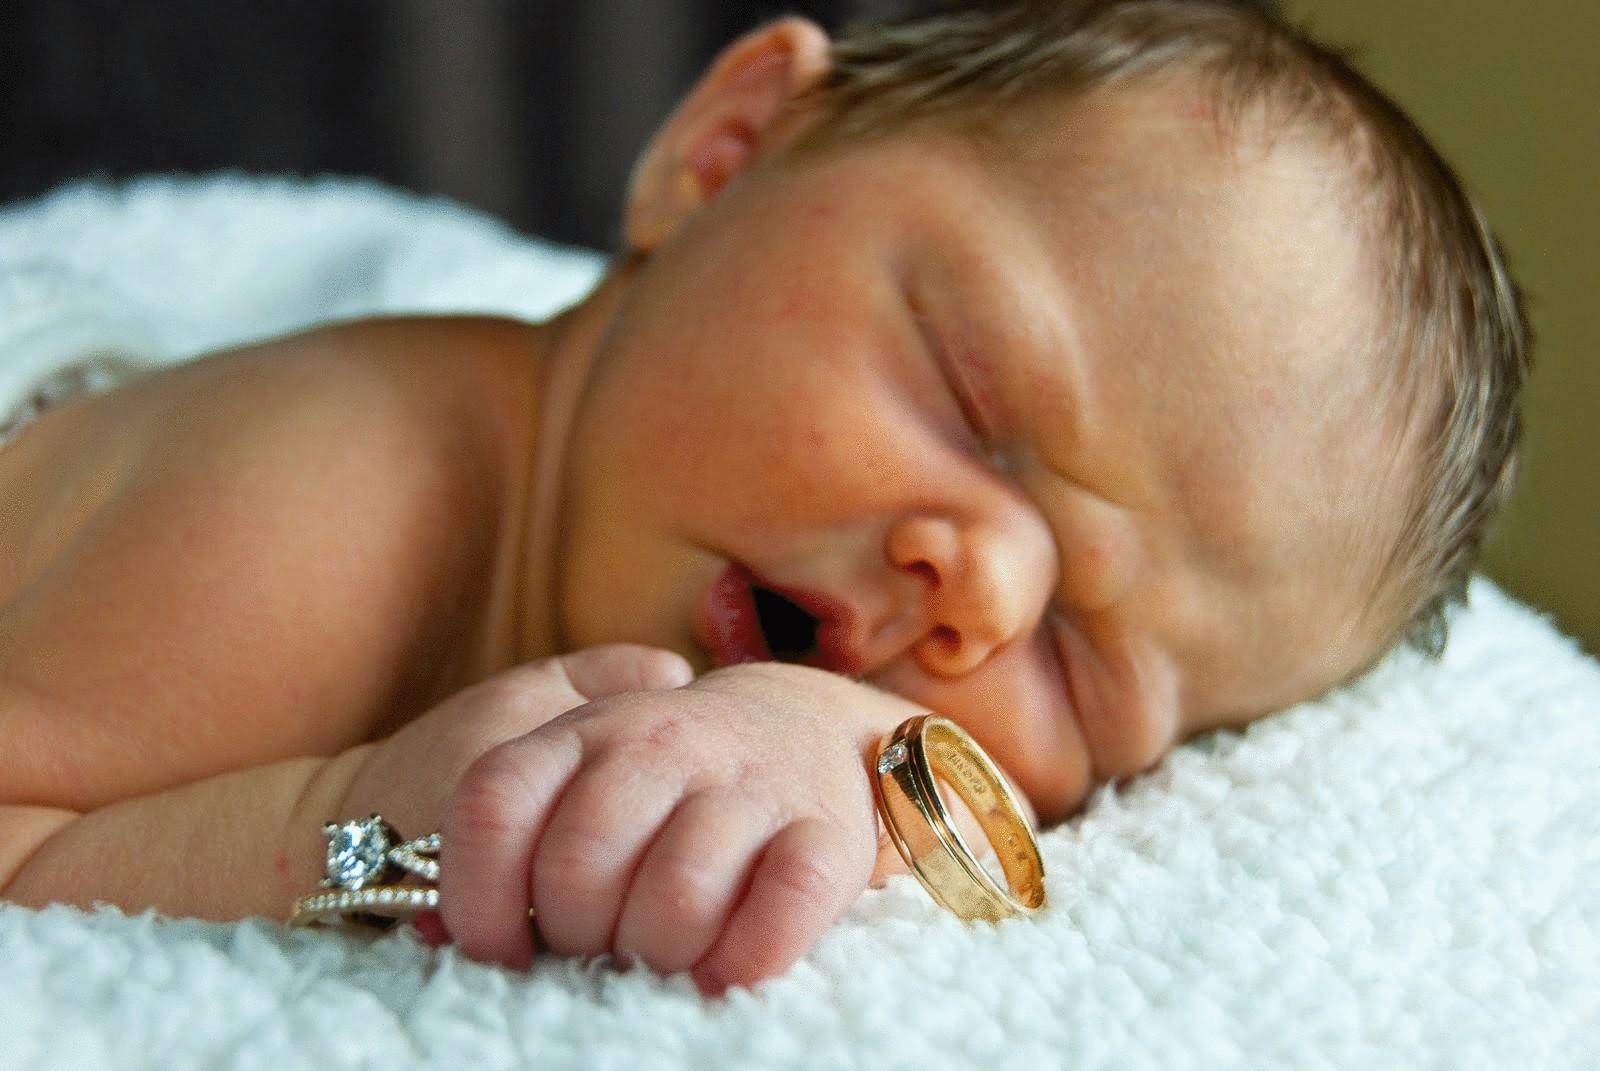 Фото ребенка весом 2500